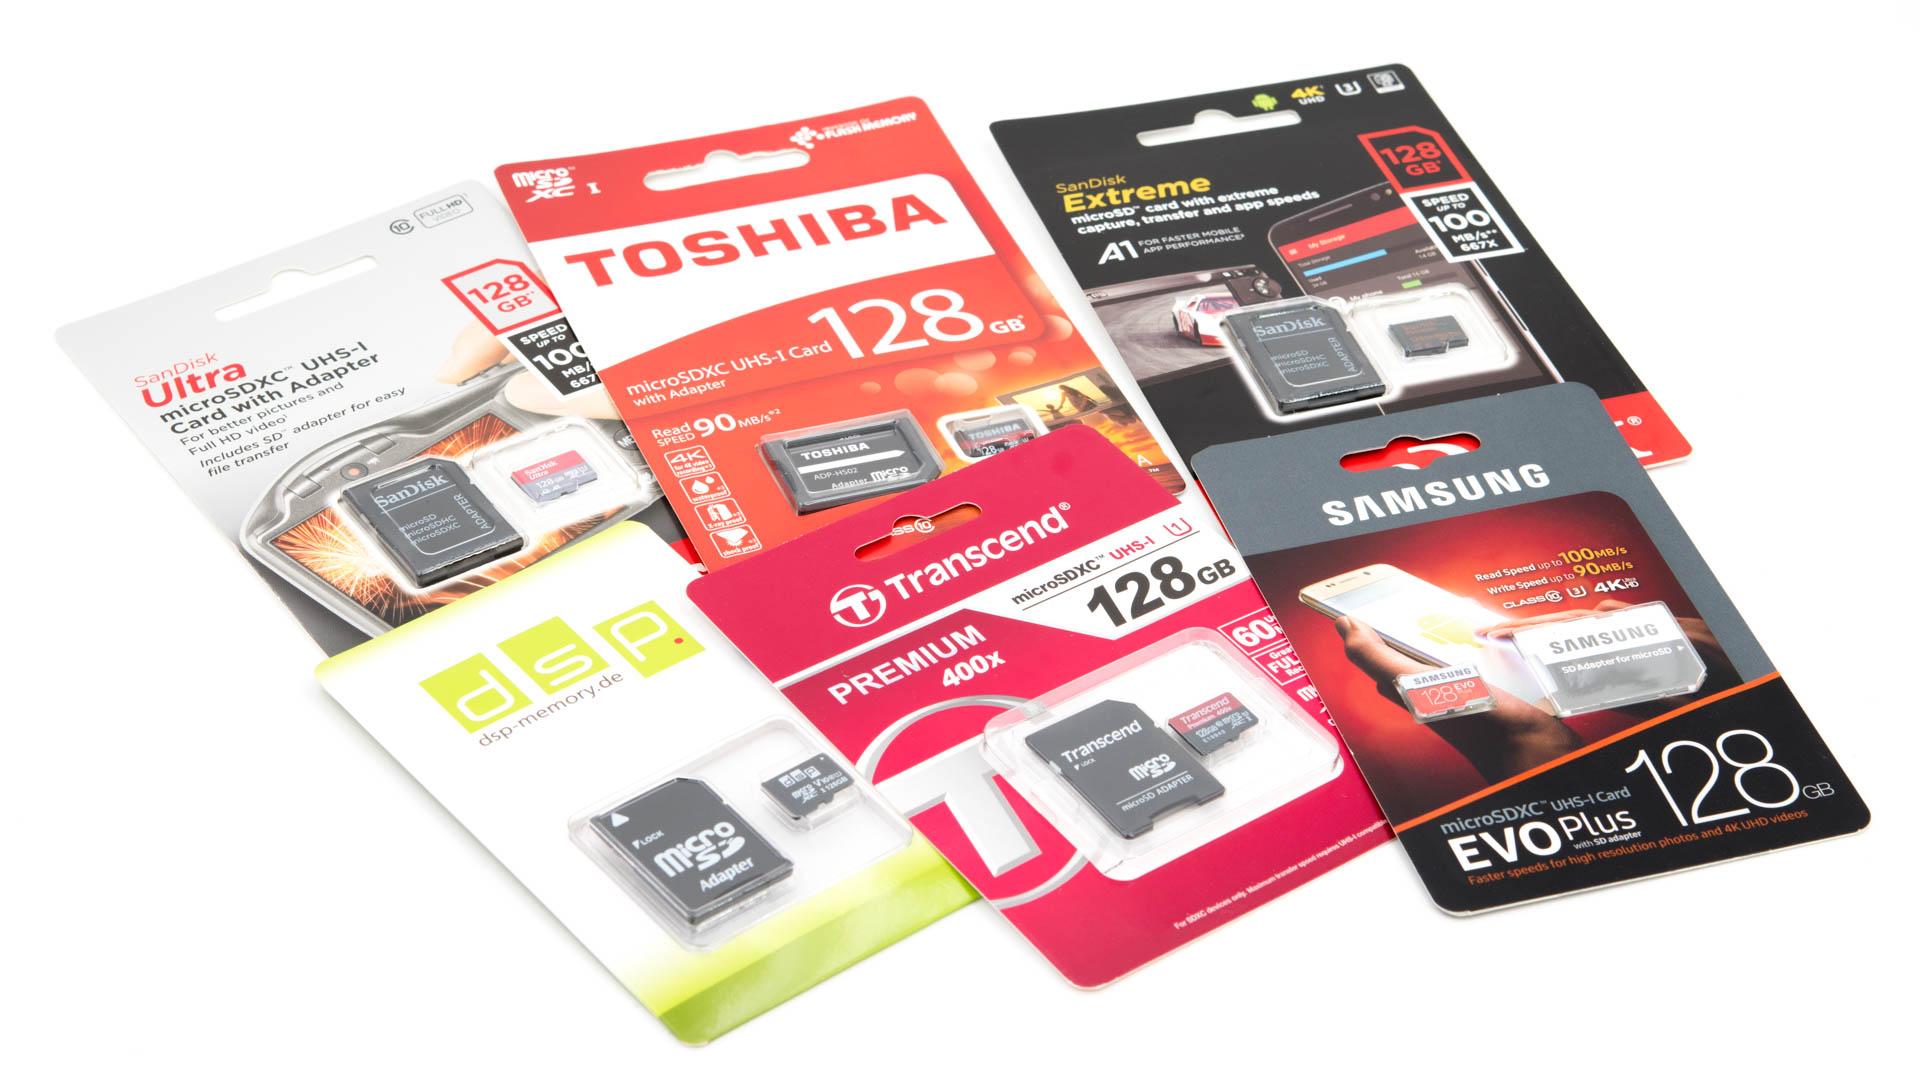 10x 128gb Microsd Speicherkarten Im Vergleich Welche Ist Die Beste Samsung Micro Sd 128 Gb Evo Plus Hat Beispielsweise Anscheinend Alle Serien Bis Auf Eingestellt Lexar Sind Kaum Noch Zu Bekommen